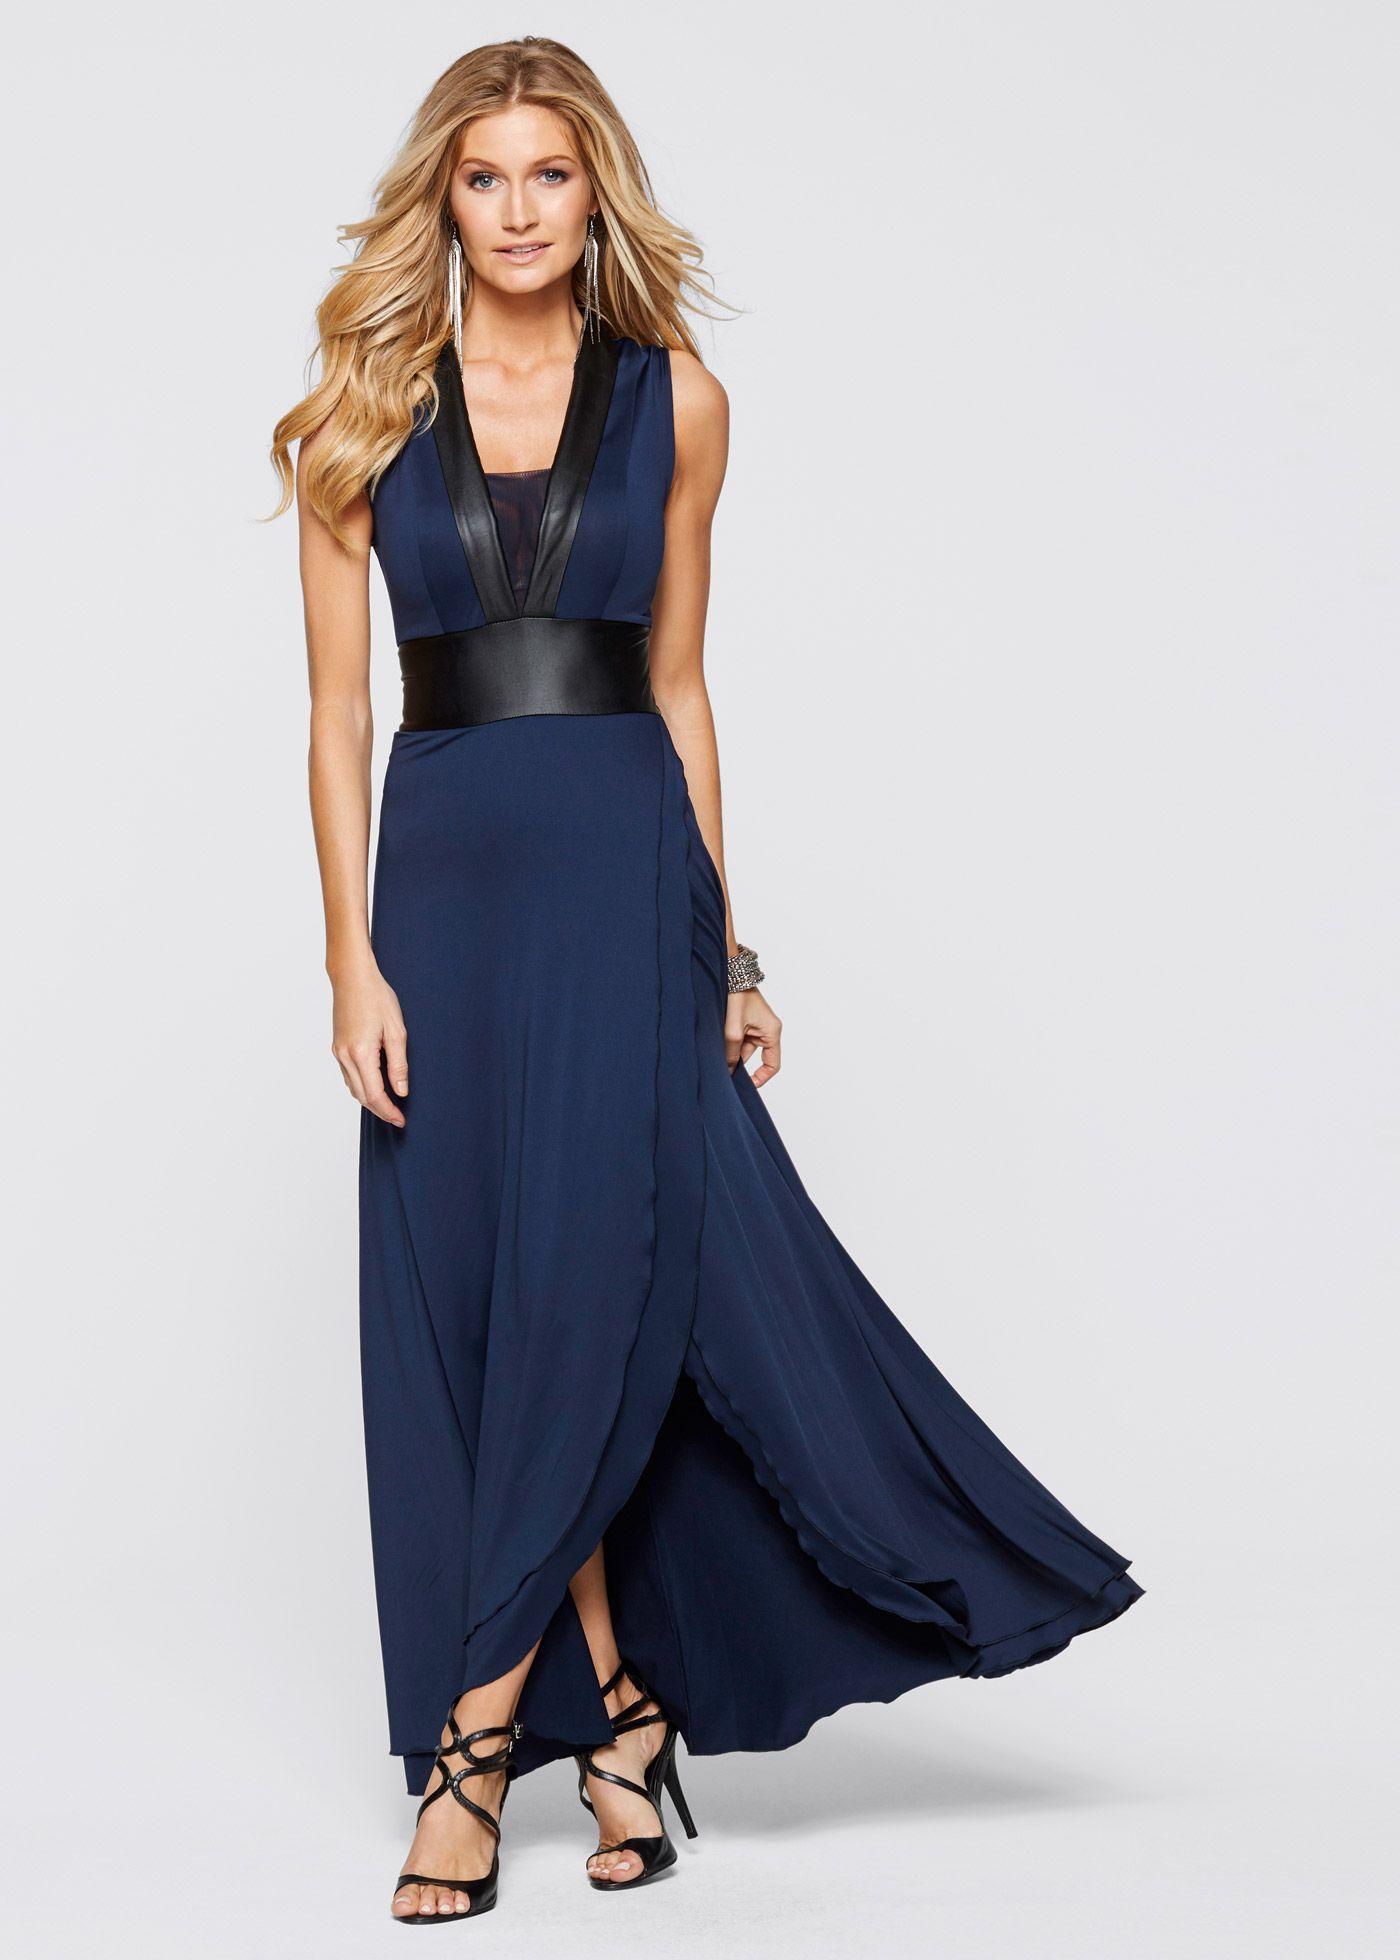 Traumhaftes Kleid mit breitem Taillenbund und asymmetrischem ...